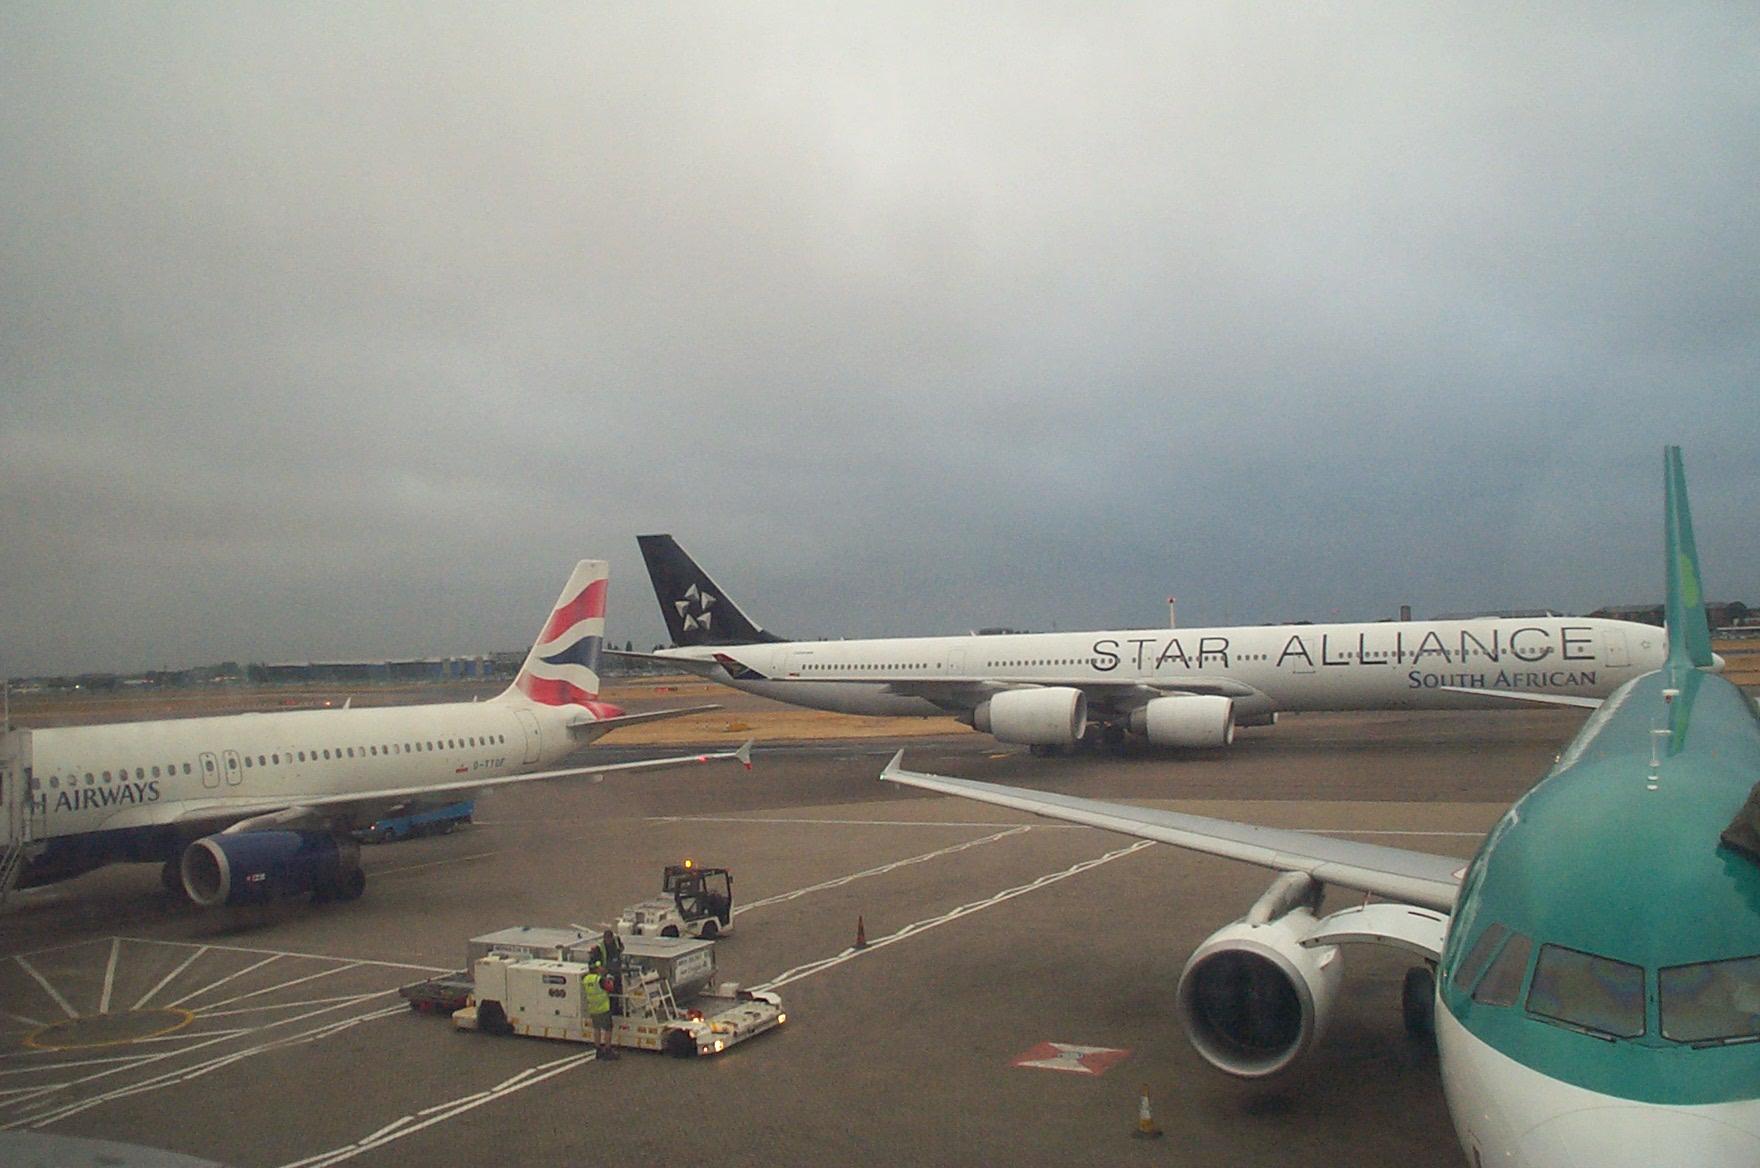 SkyTeam альянс авиакомпаний участники и члены СкайТим